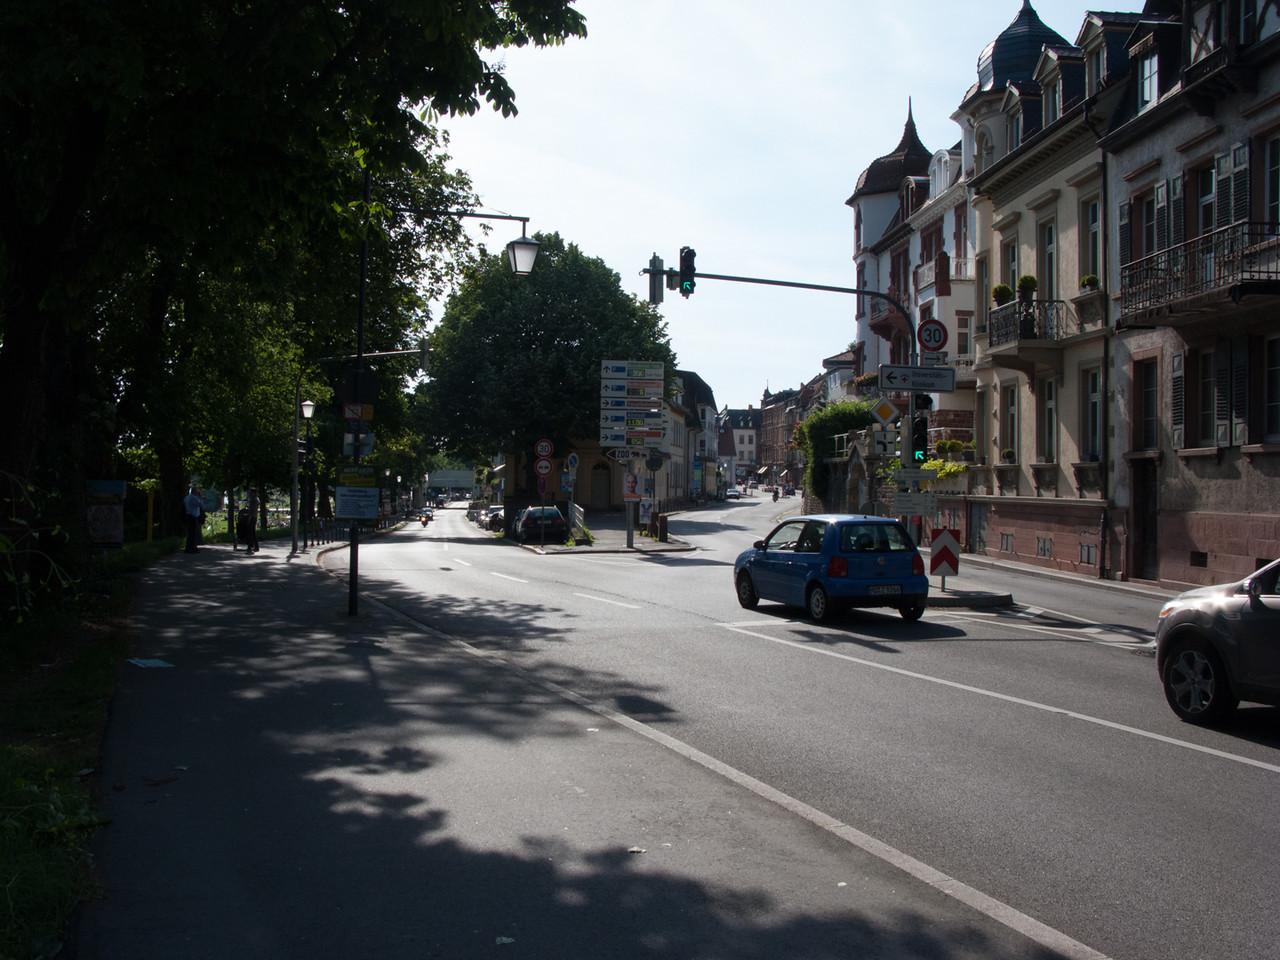 heidelberg_2014-05-20_1015